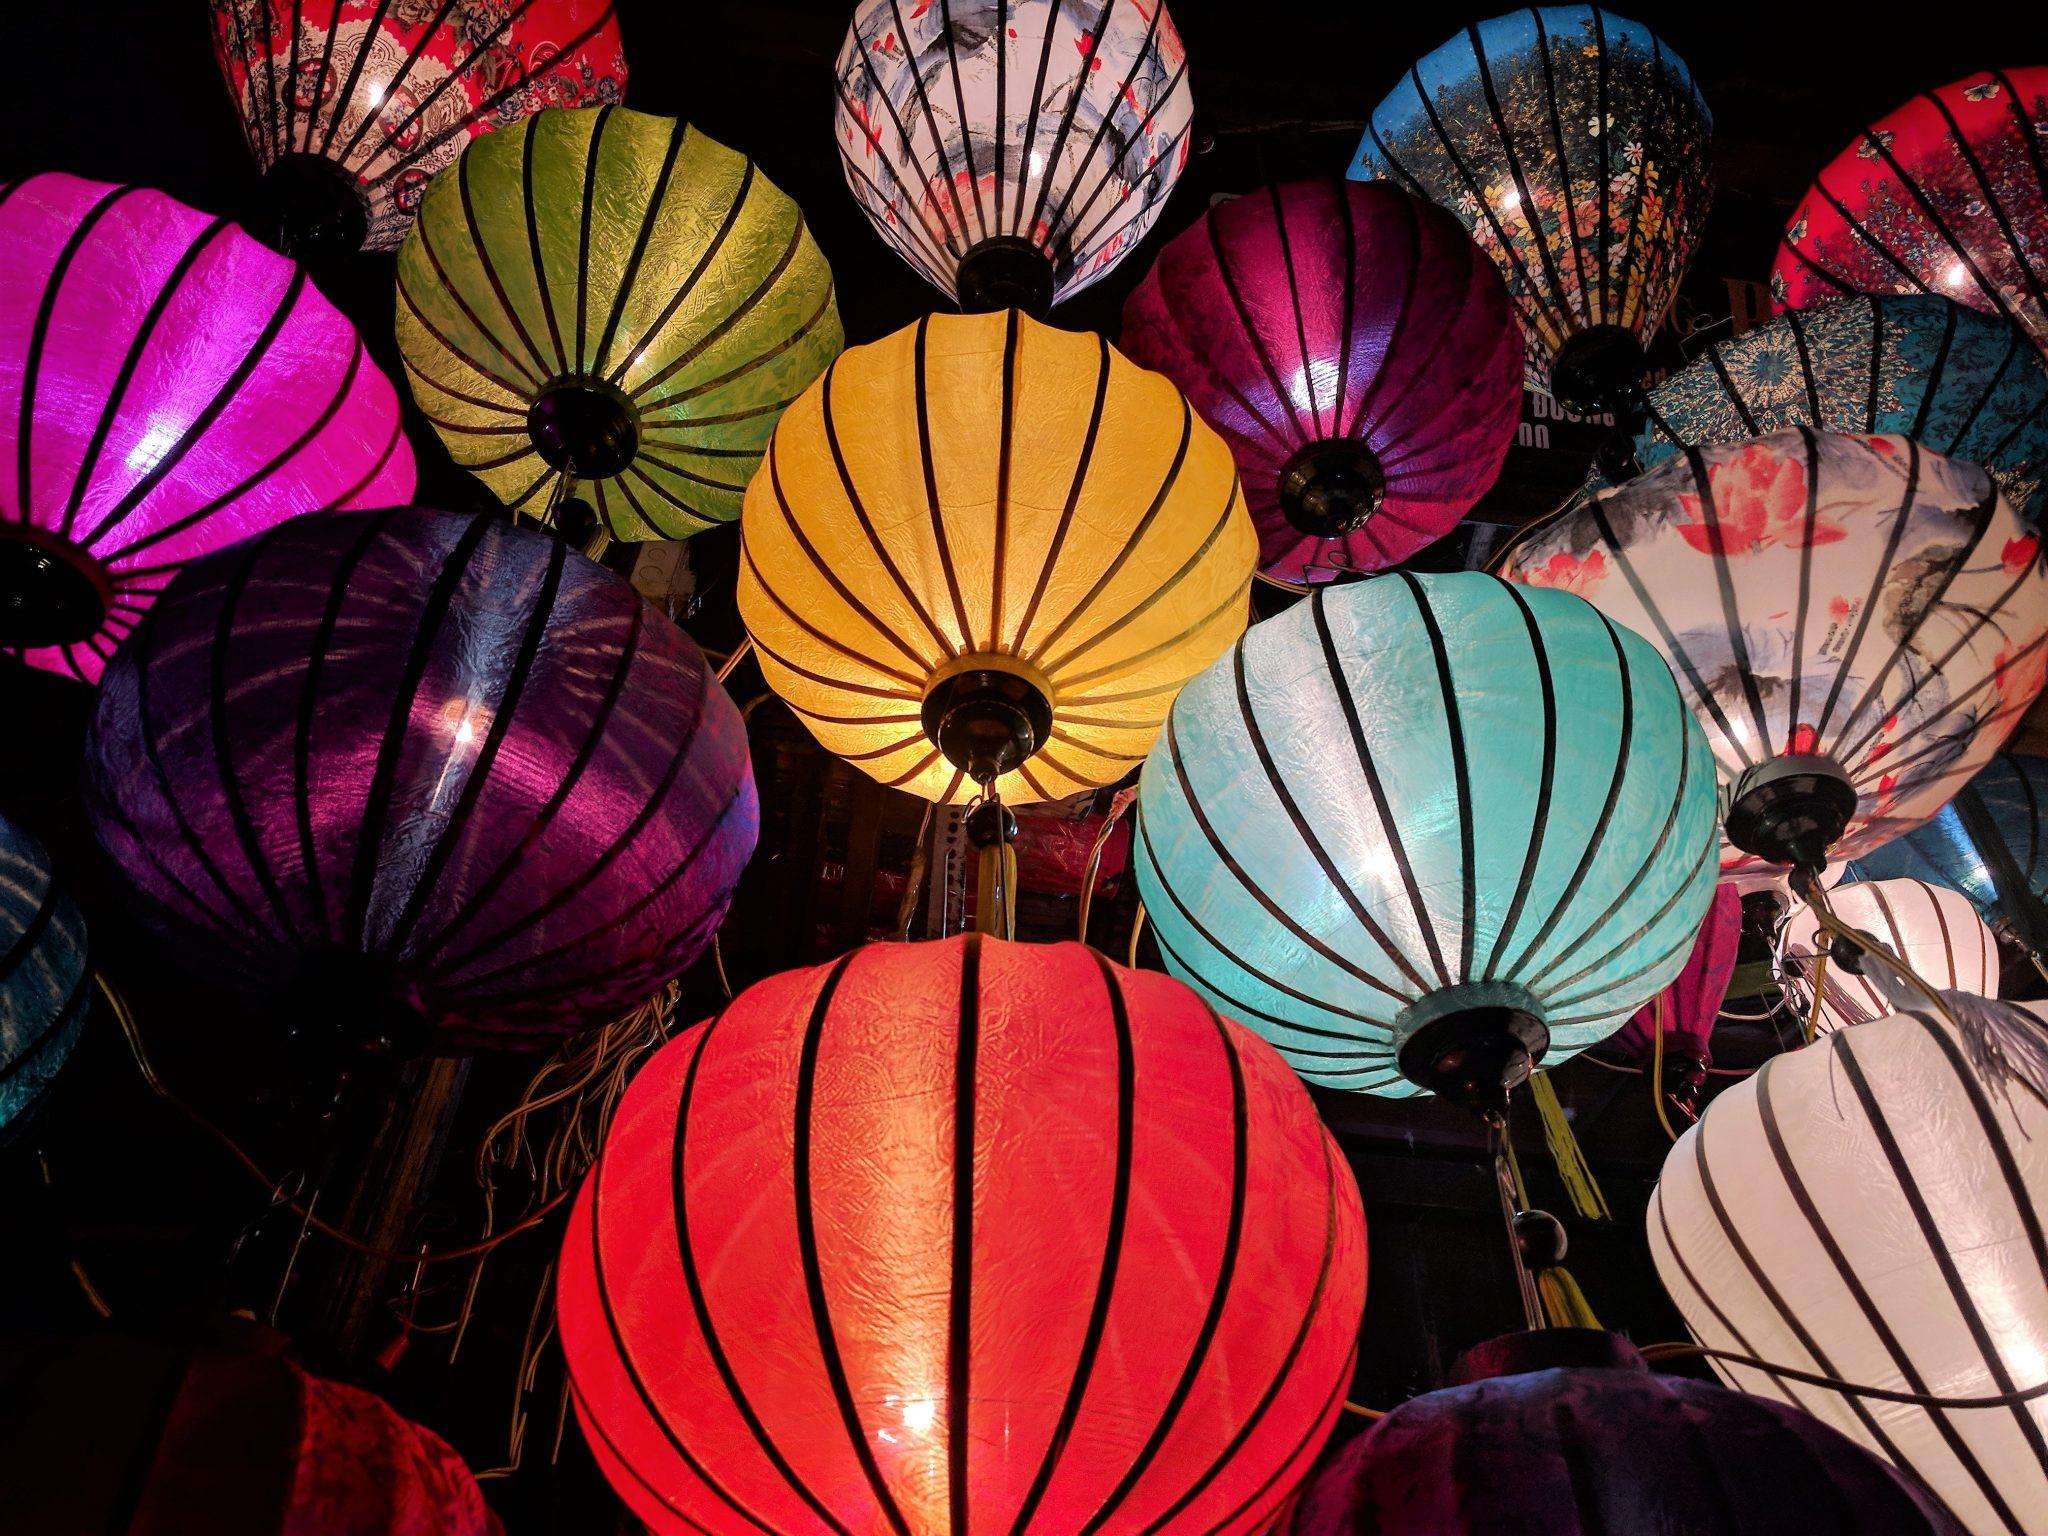 Over a dozen colorful Malaysia lanterns